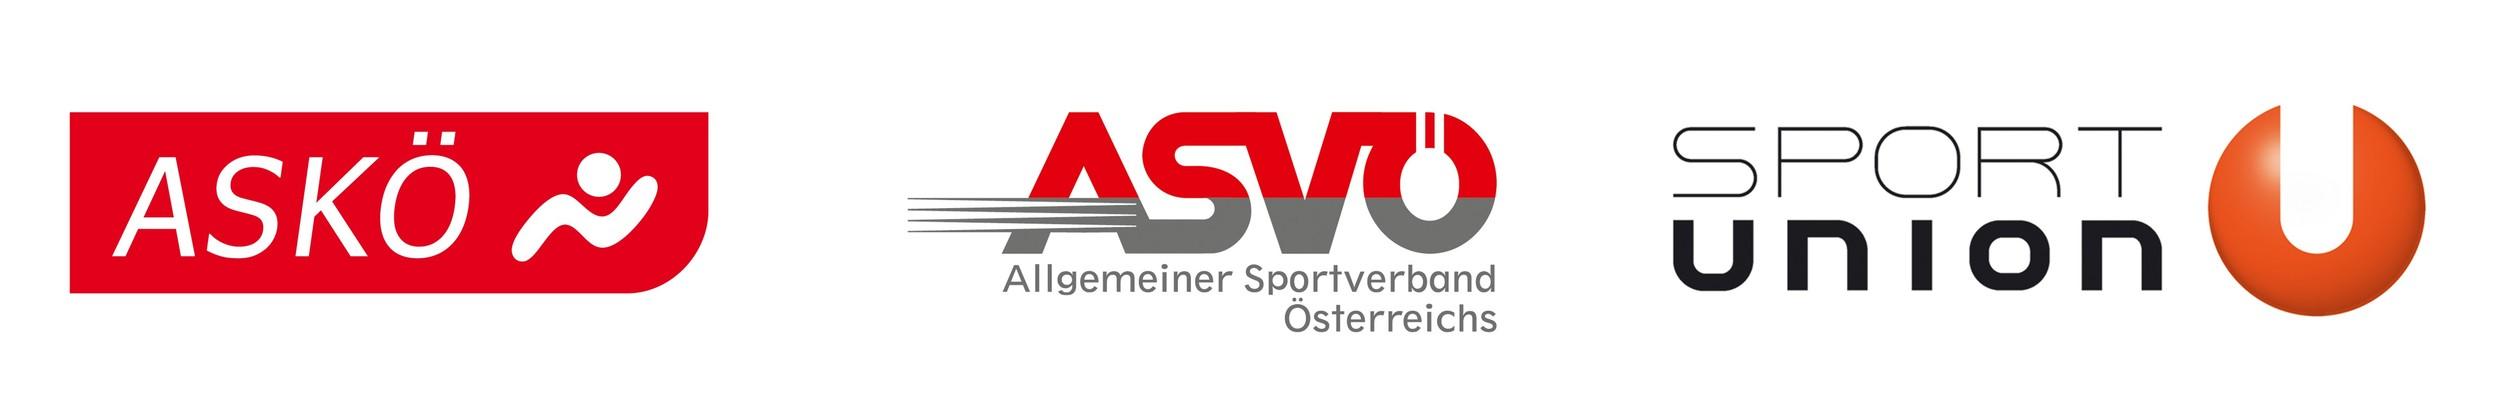 Logozeile_2014